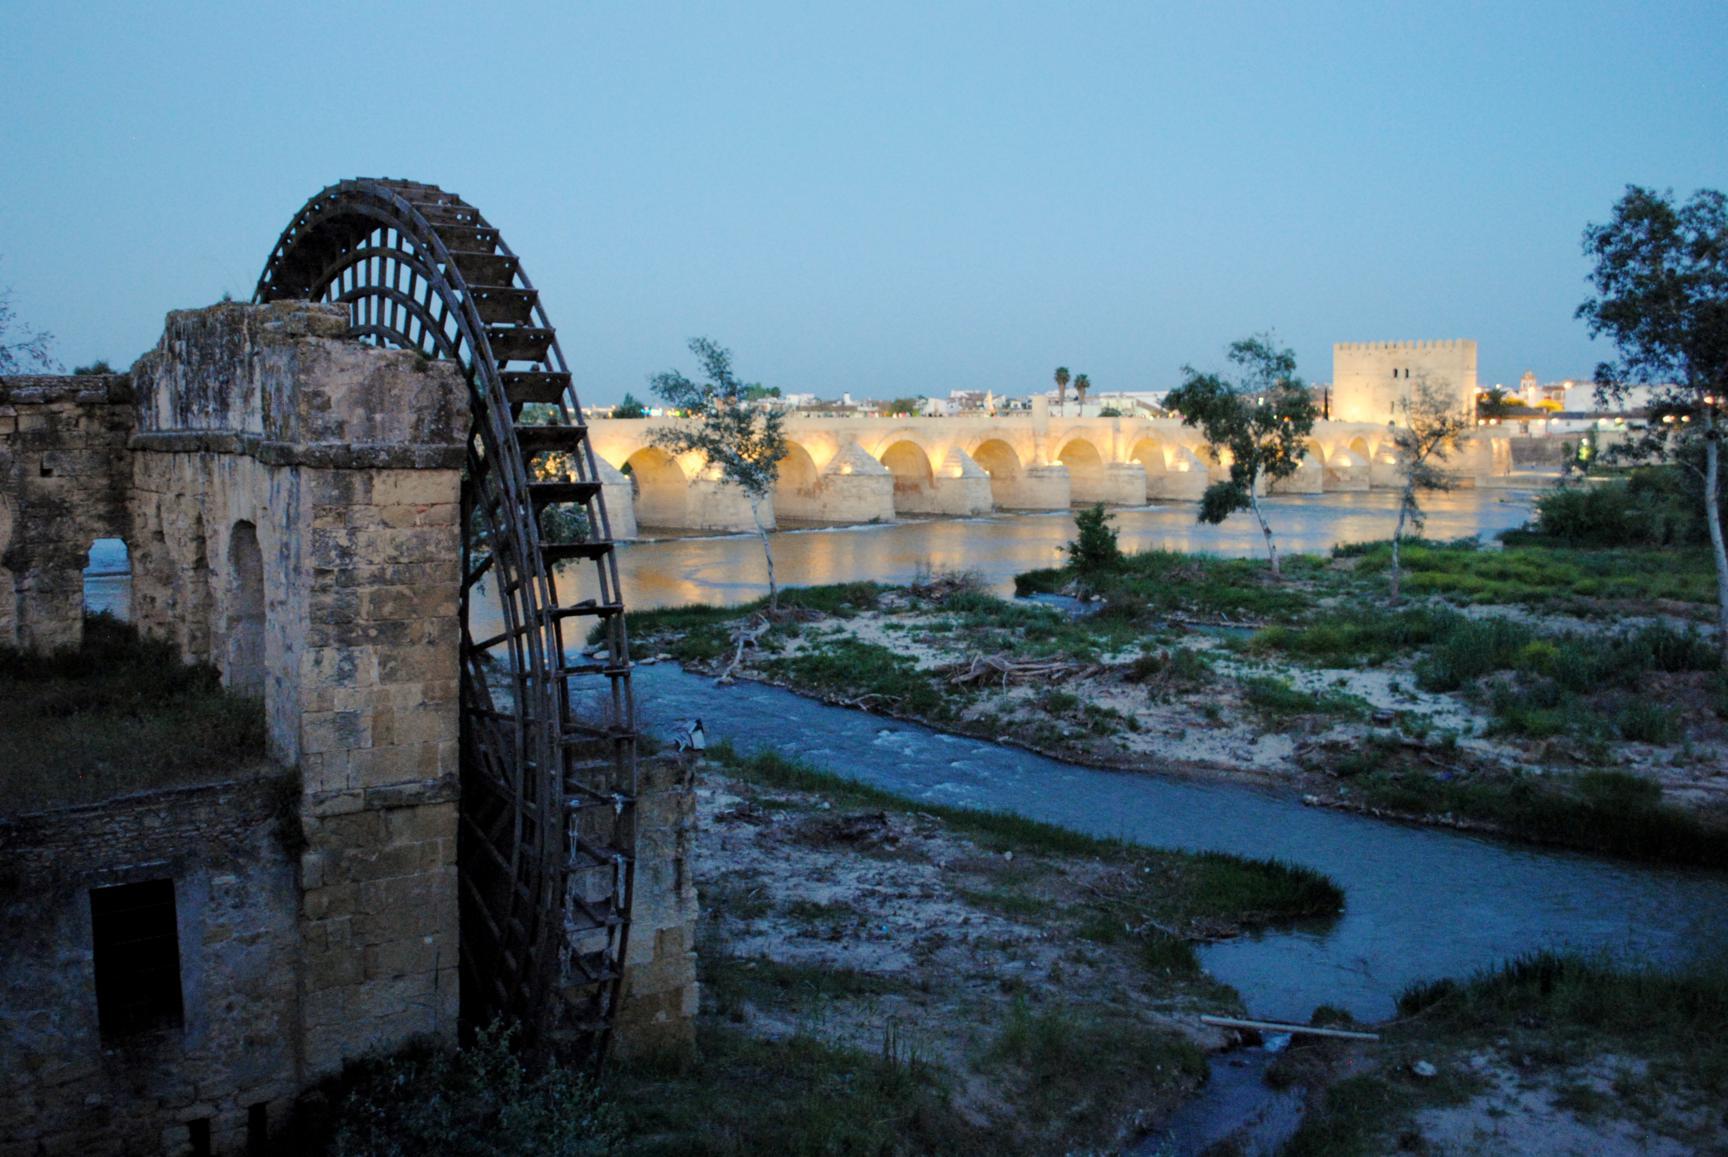 Puente Romano desde el Molino de Albolafia. Córdoba, 2014.